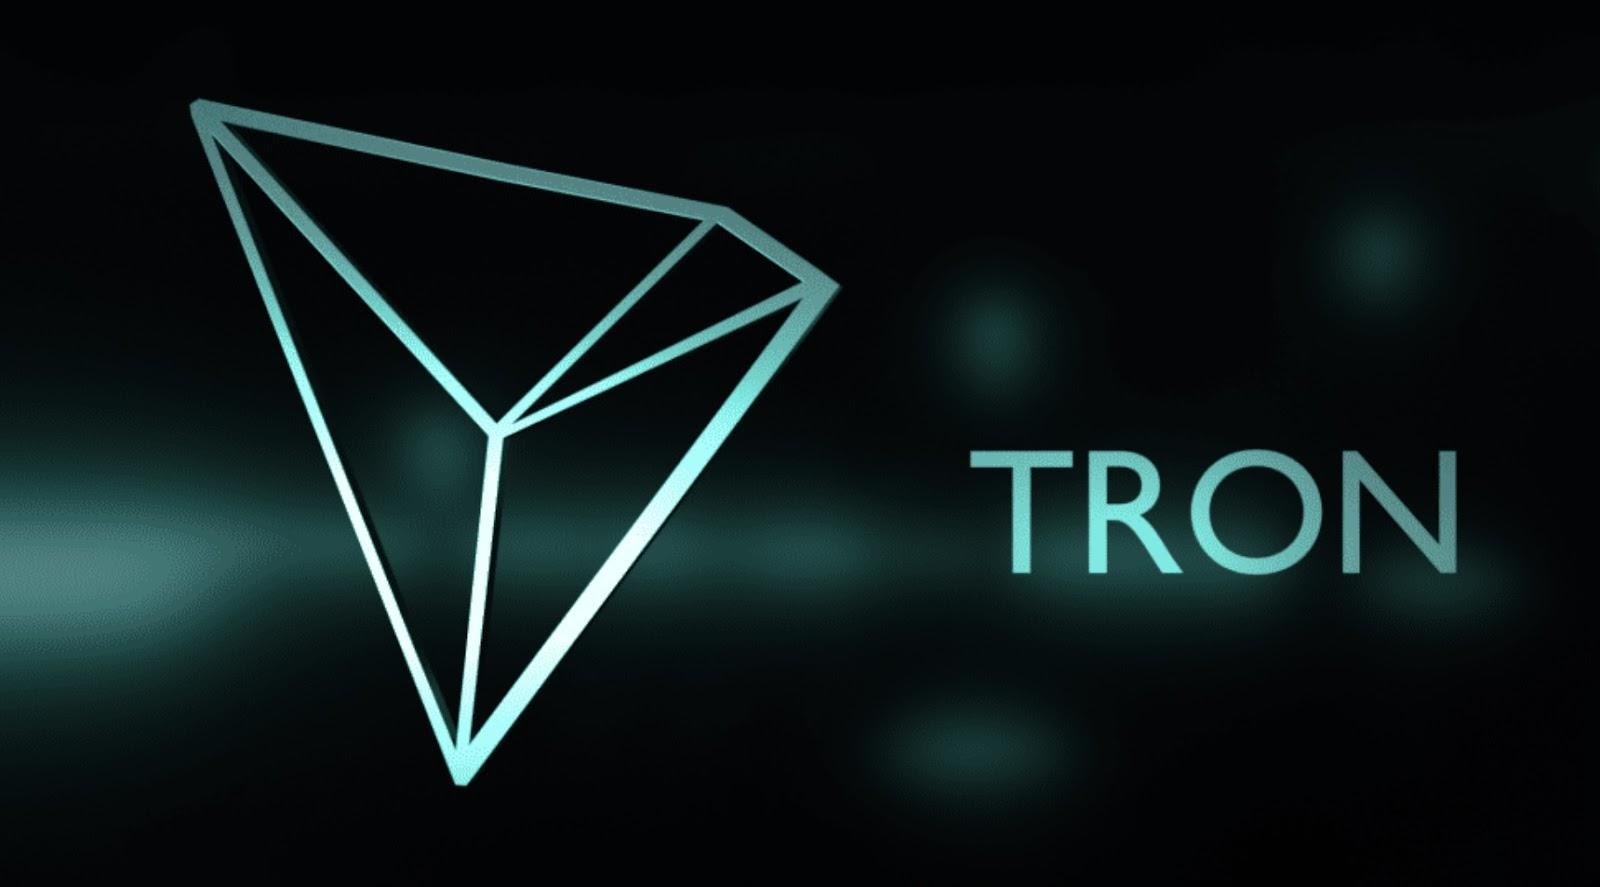 Tron(TRX)